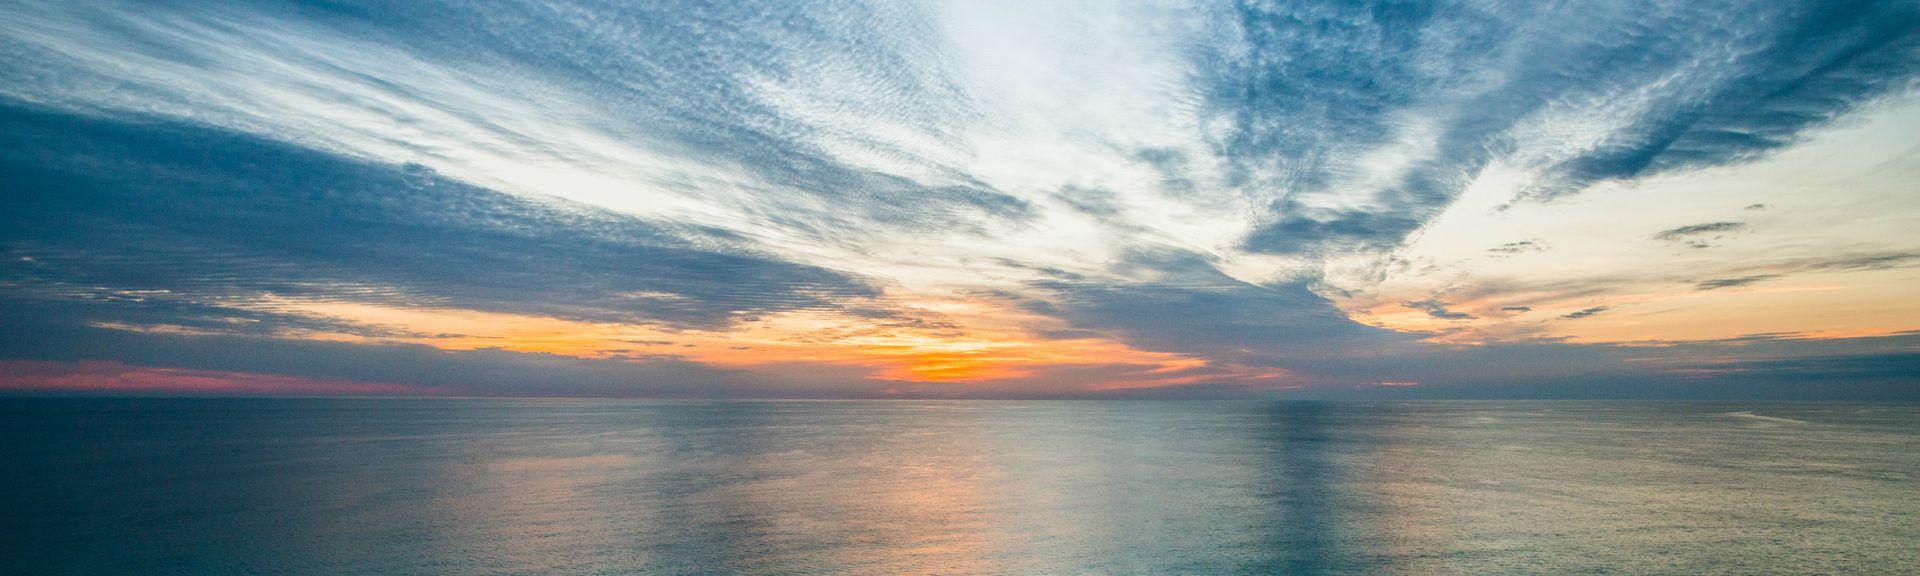 Gulf Lagoon Beach, Città di Panama, Florida, Stati Uniti d'America